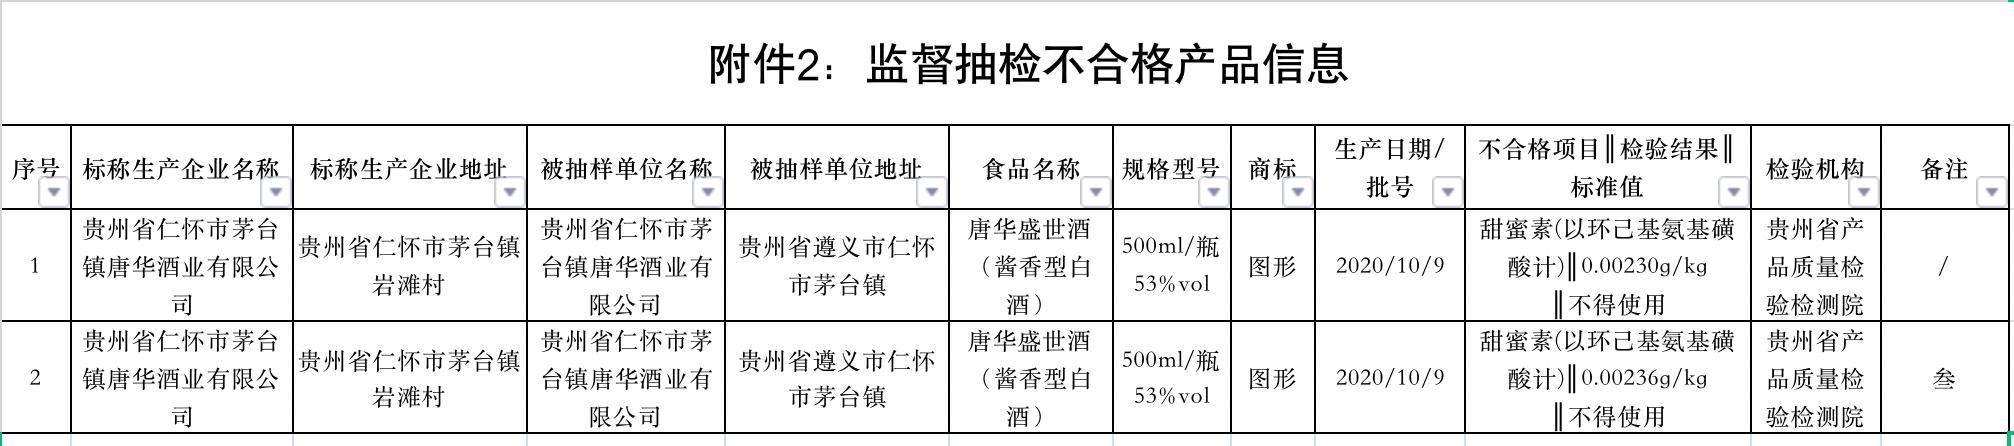 茅台镇唐华酒业再有2批次产品被检测出甜蜜素